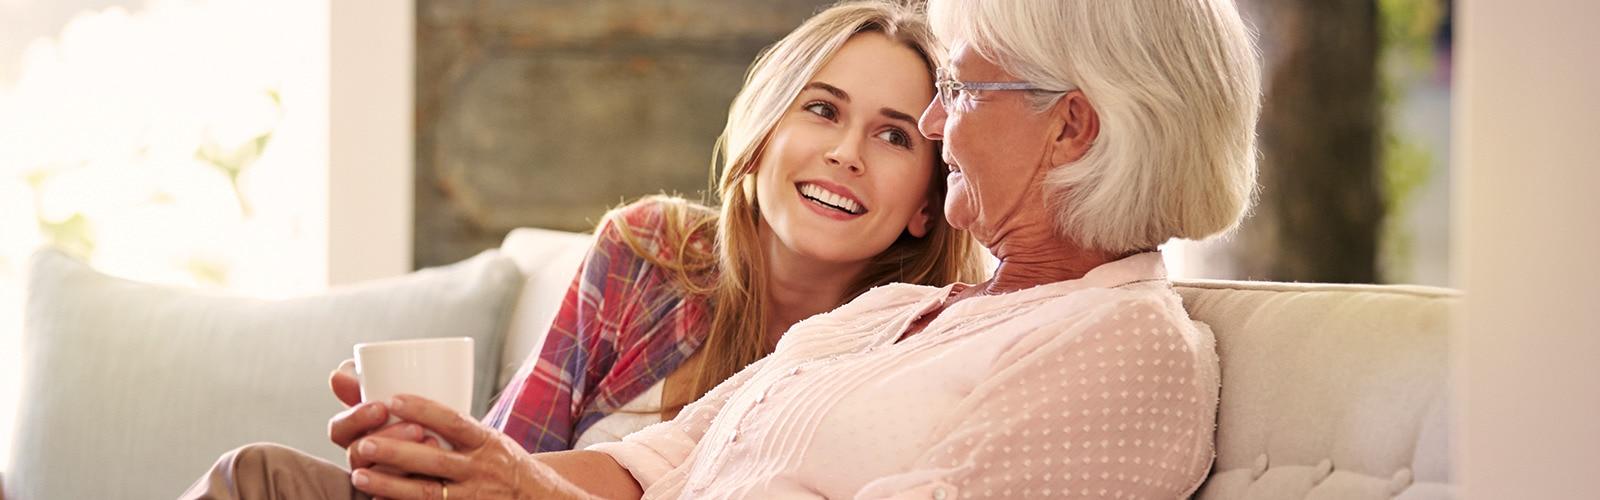 Mladšia žena a staršia žena si vychutnávajú čaj – čo urobiť ako prvé